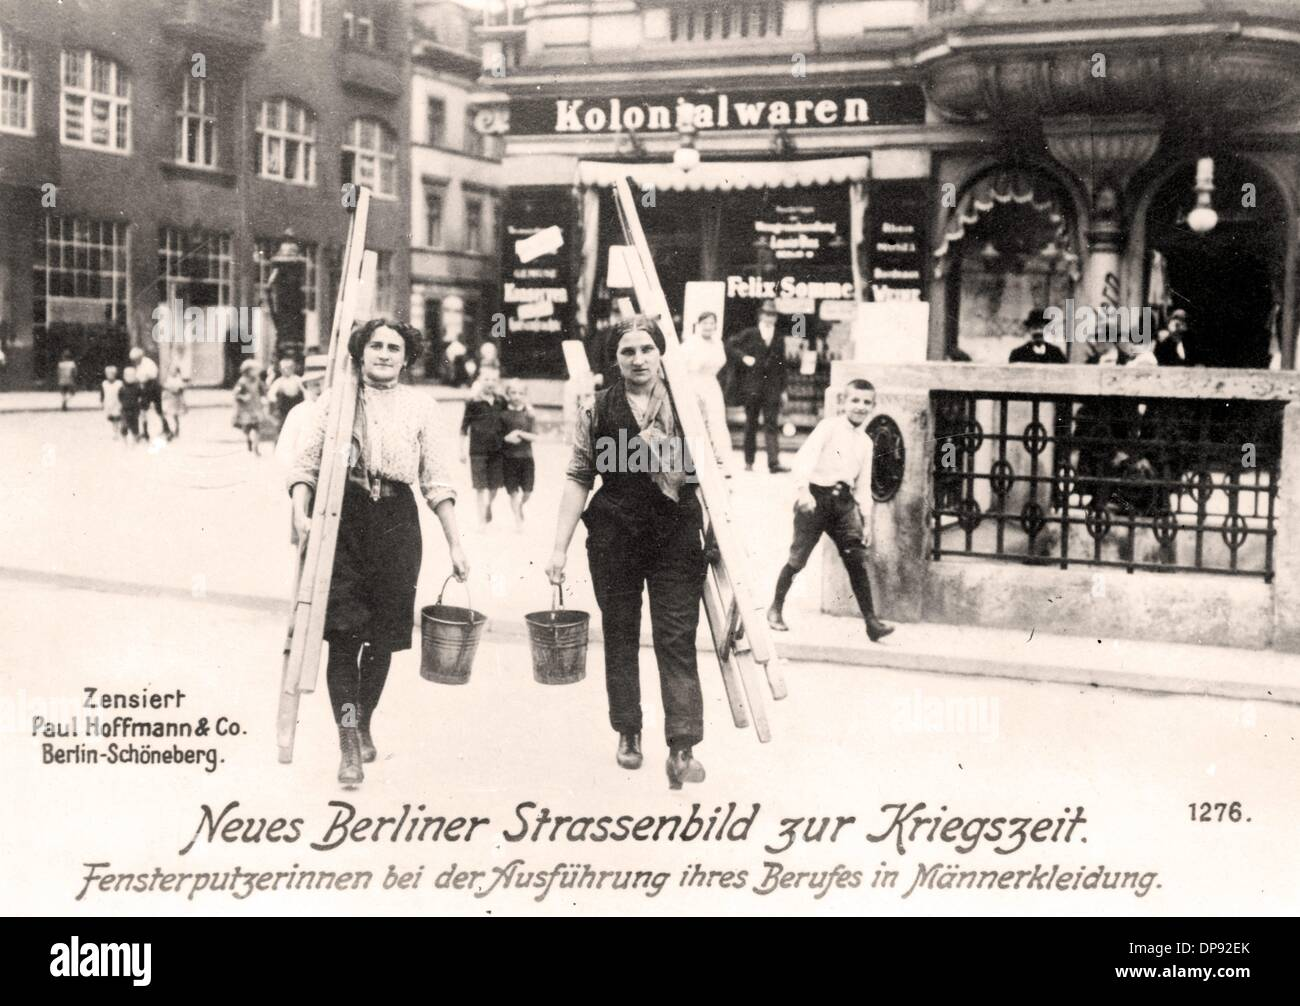 Frauen Arbeiten Als Fensterputzer In Männerkleidung Berlin